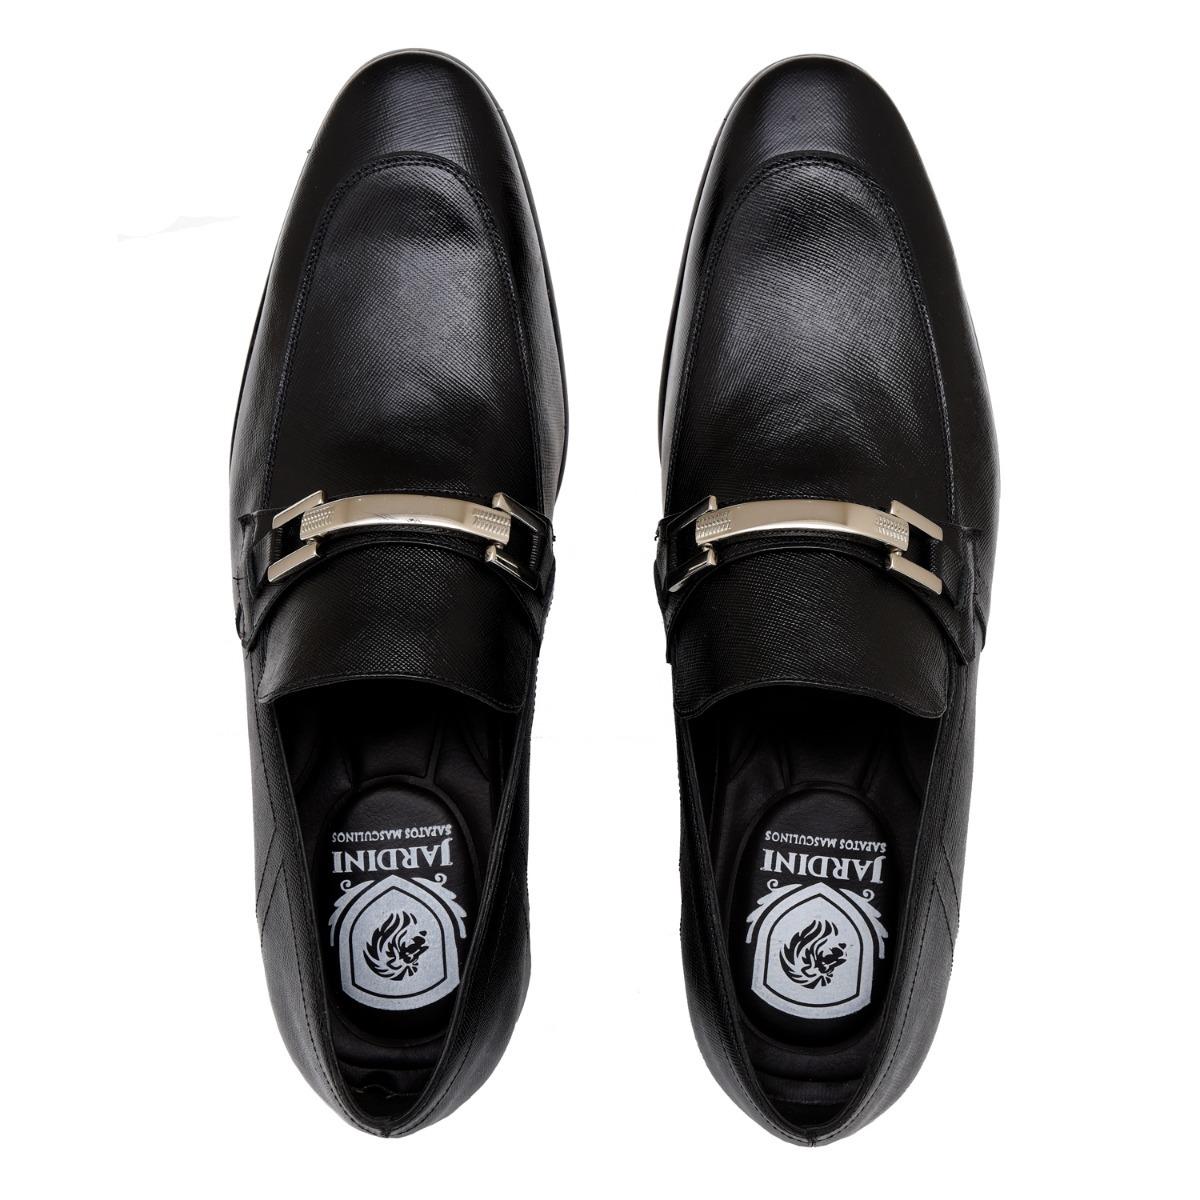 8812a1b2cb jardini sapatos sociais masculino mod 58834. Carregando zoom.